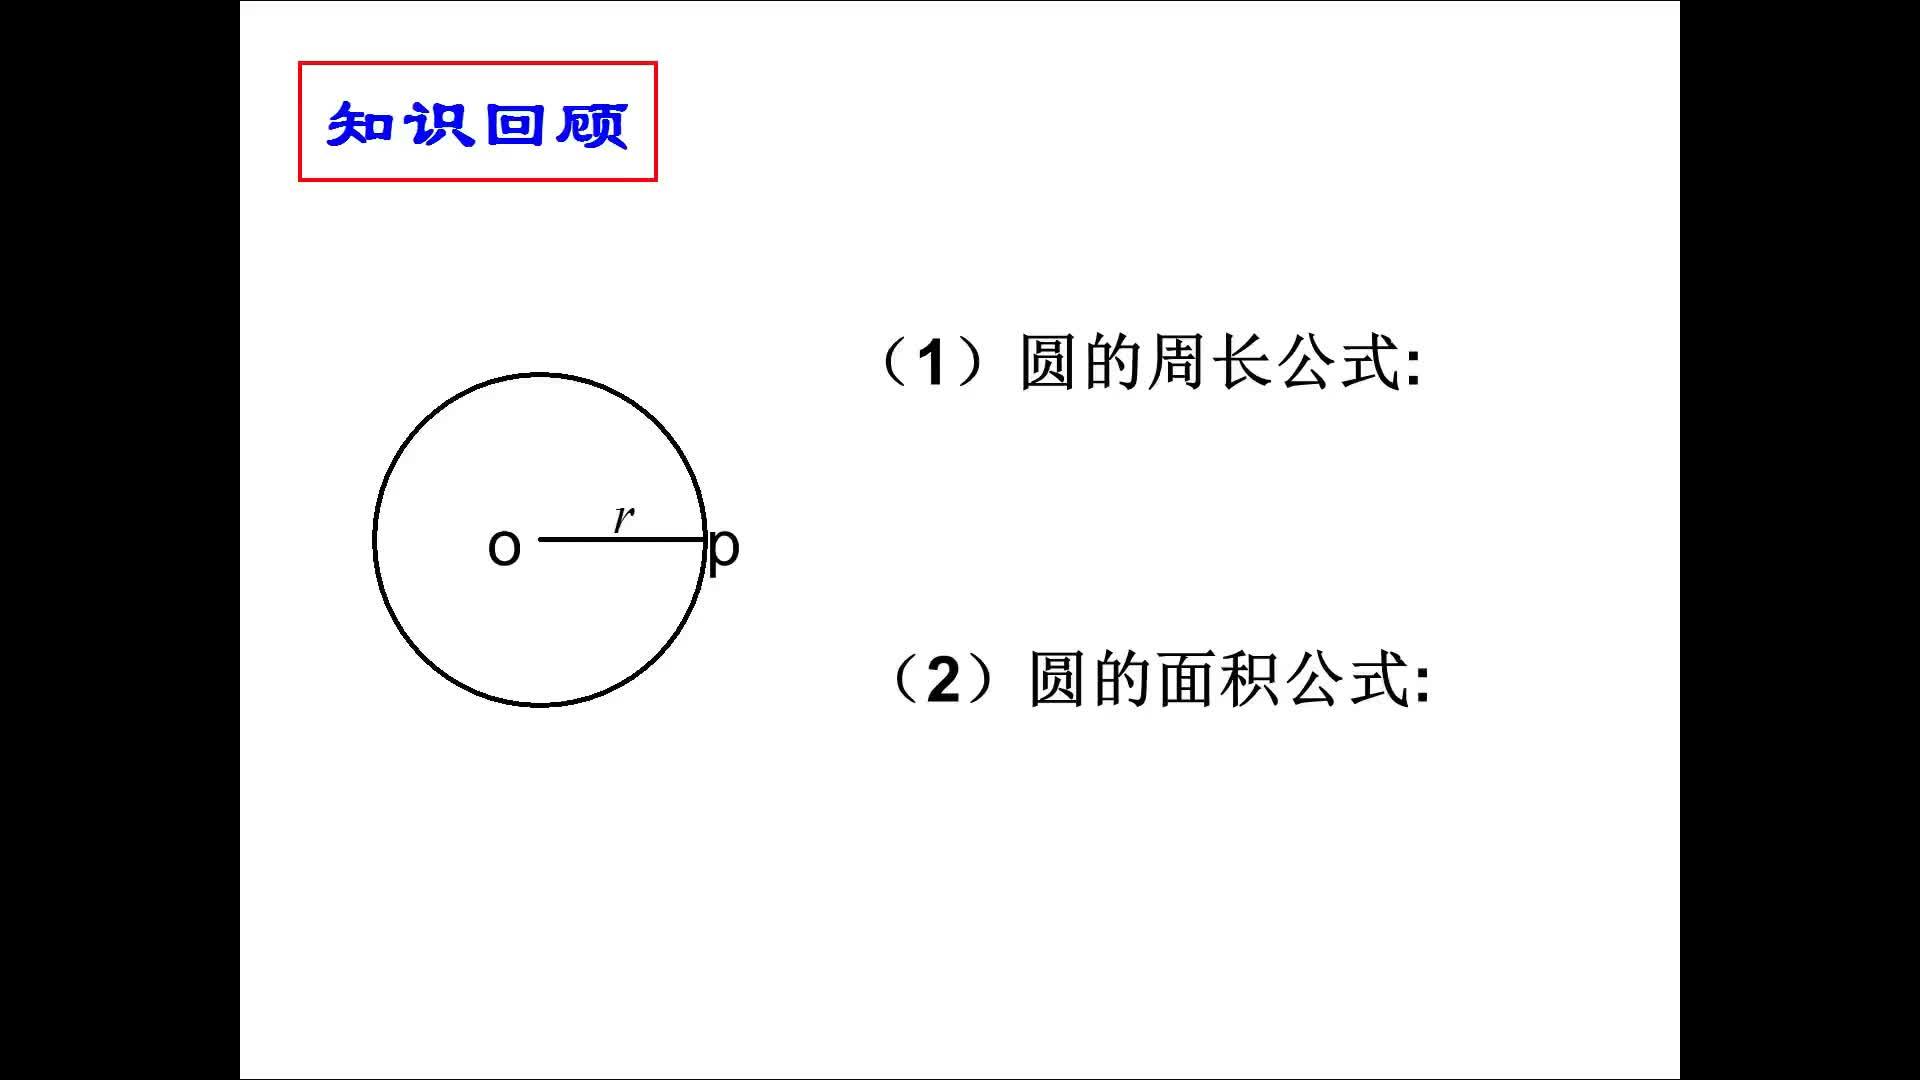 鲁教版(五四制)九年级数学下册 5.9弧长和扇形面积-课堂实录 鲁教版(五四制)九年级数学下册 5.9弧长和扇形面积-课堂实录 鲁教版(五四制)九年级数学下册 5.9弧长和扇形面积-课堂实录 [来自e网通客户端]